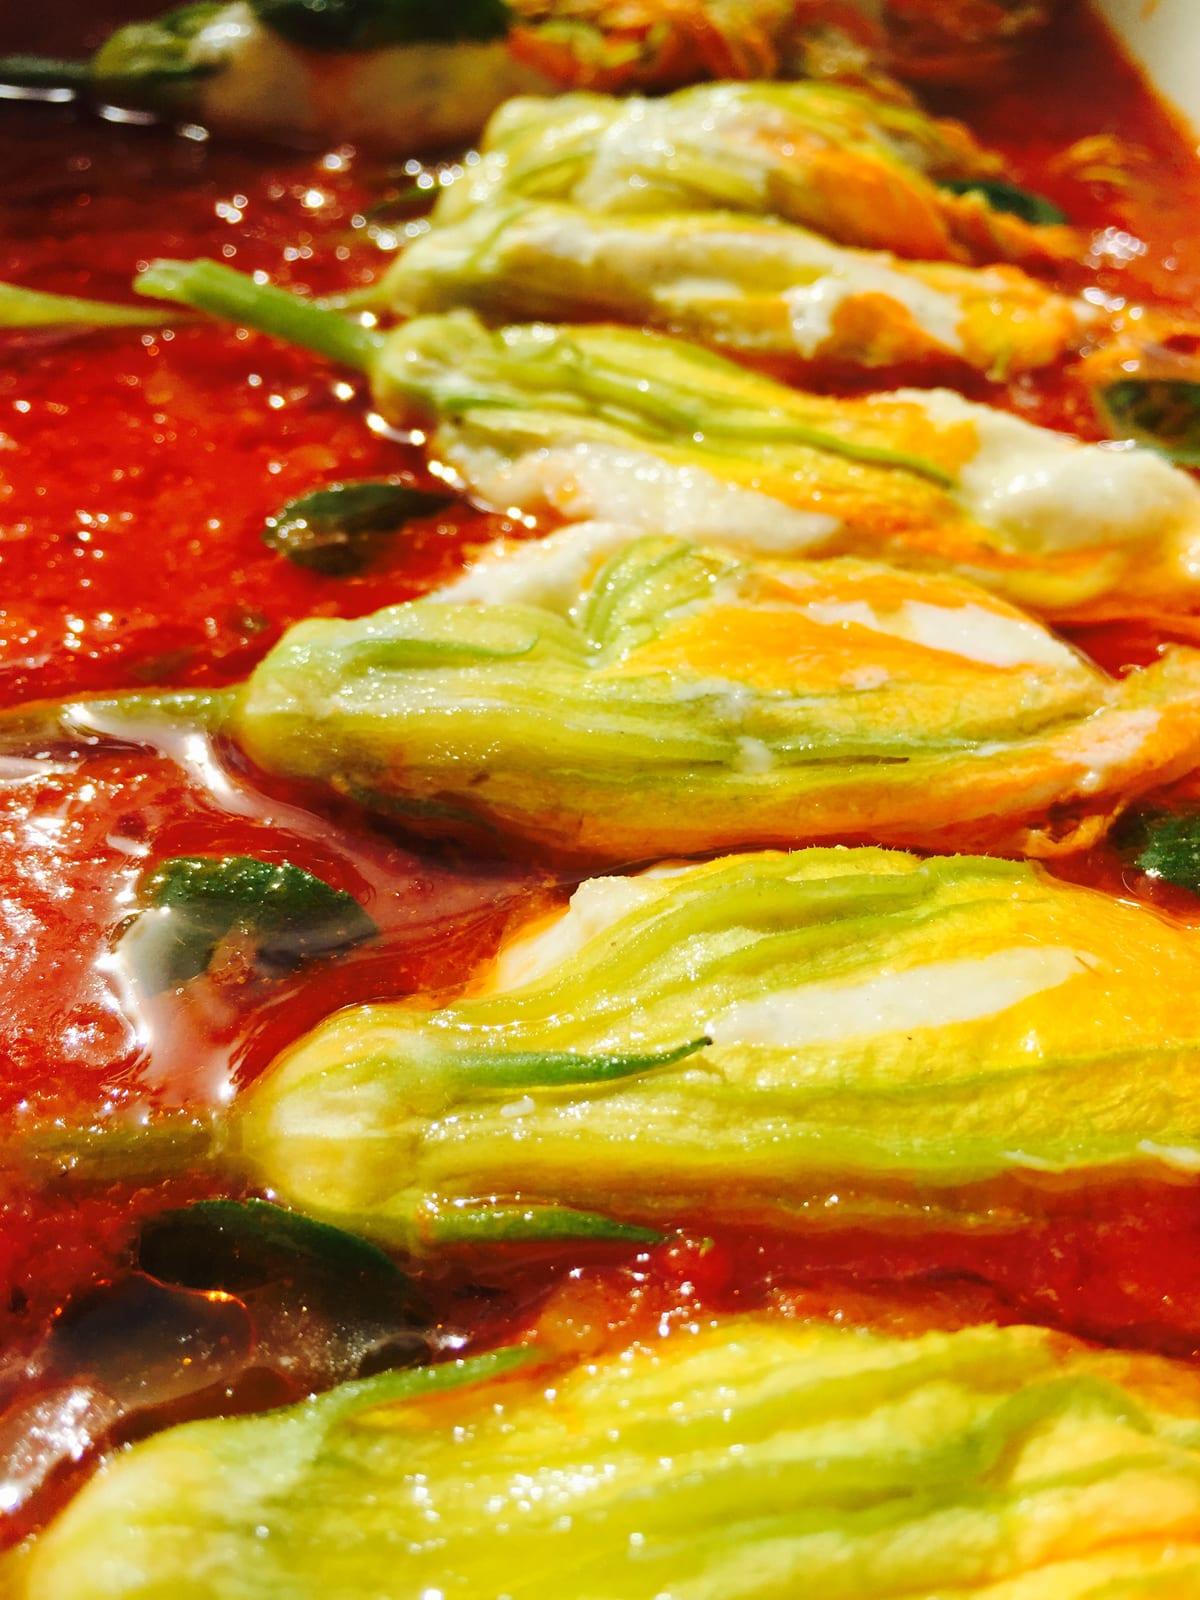 recette de fleurs de courgette farcies à la brandade de morue de Nîmes, sauce tomate et crumble d'anchois